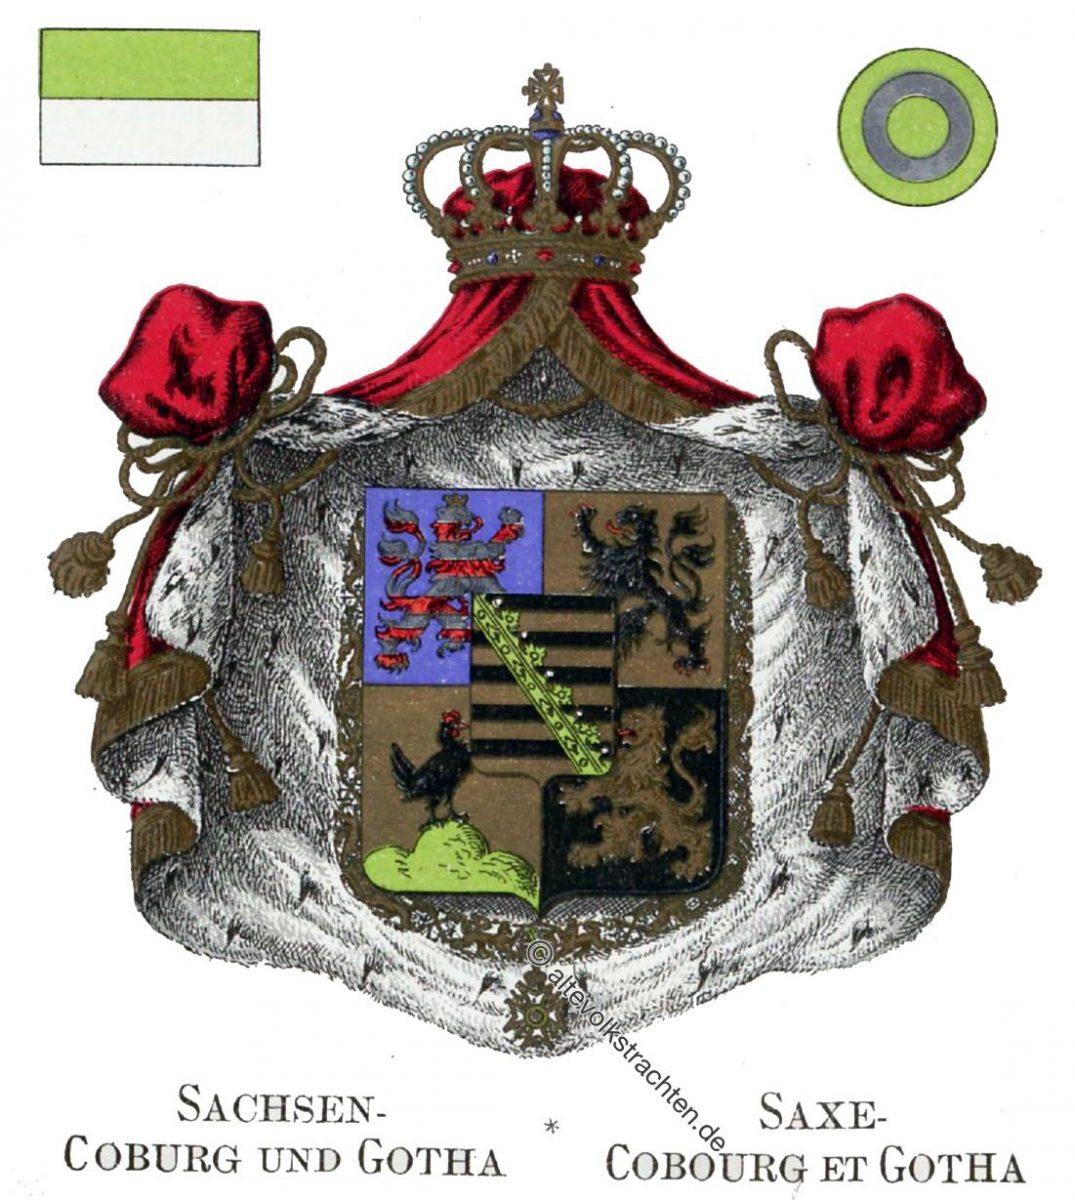 Sachsen, Coburg, Gotha, Staatswappen, Wappen, Heraldik, Deutschland, Landesflaggen, Cocarden,